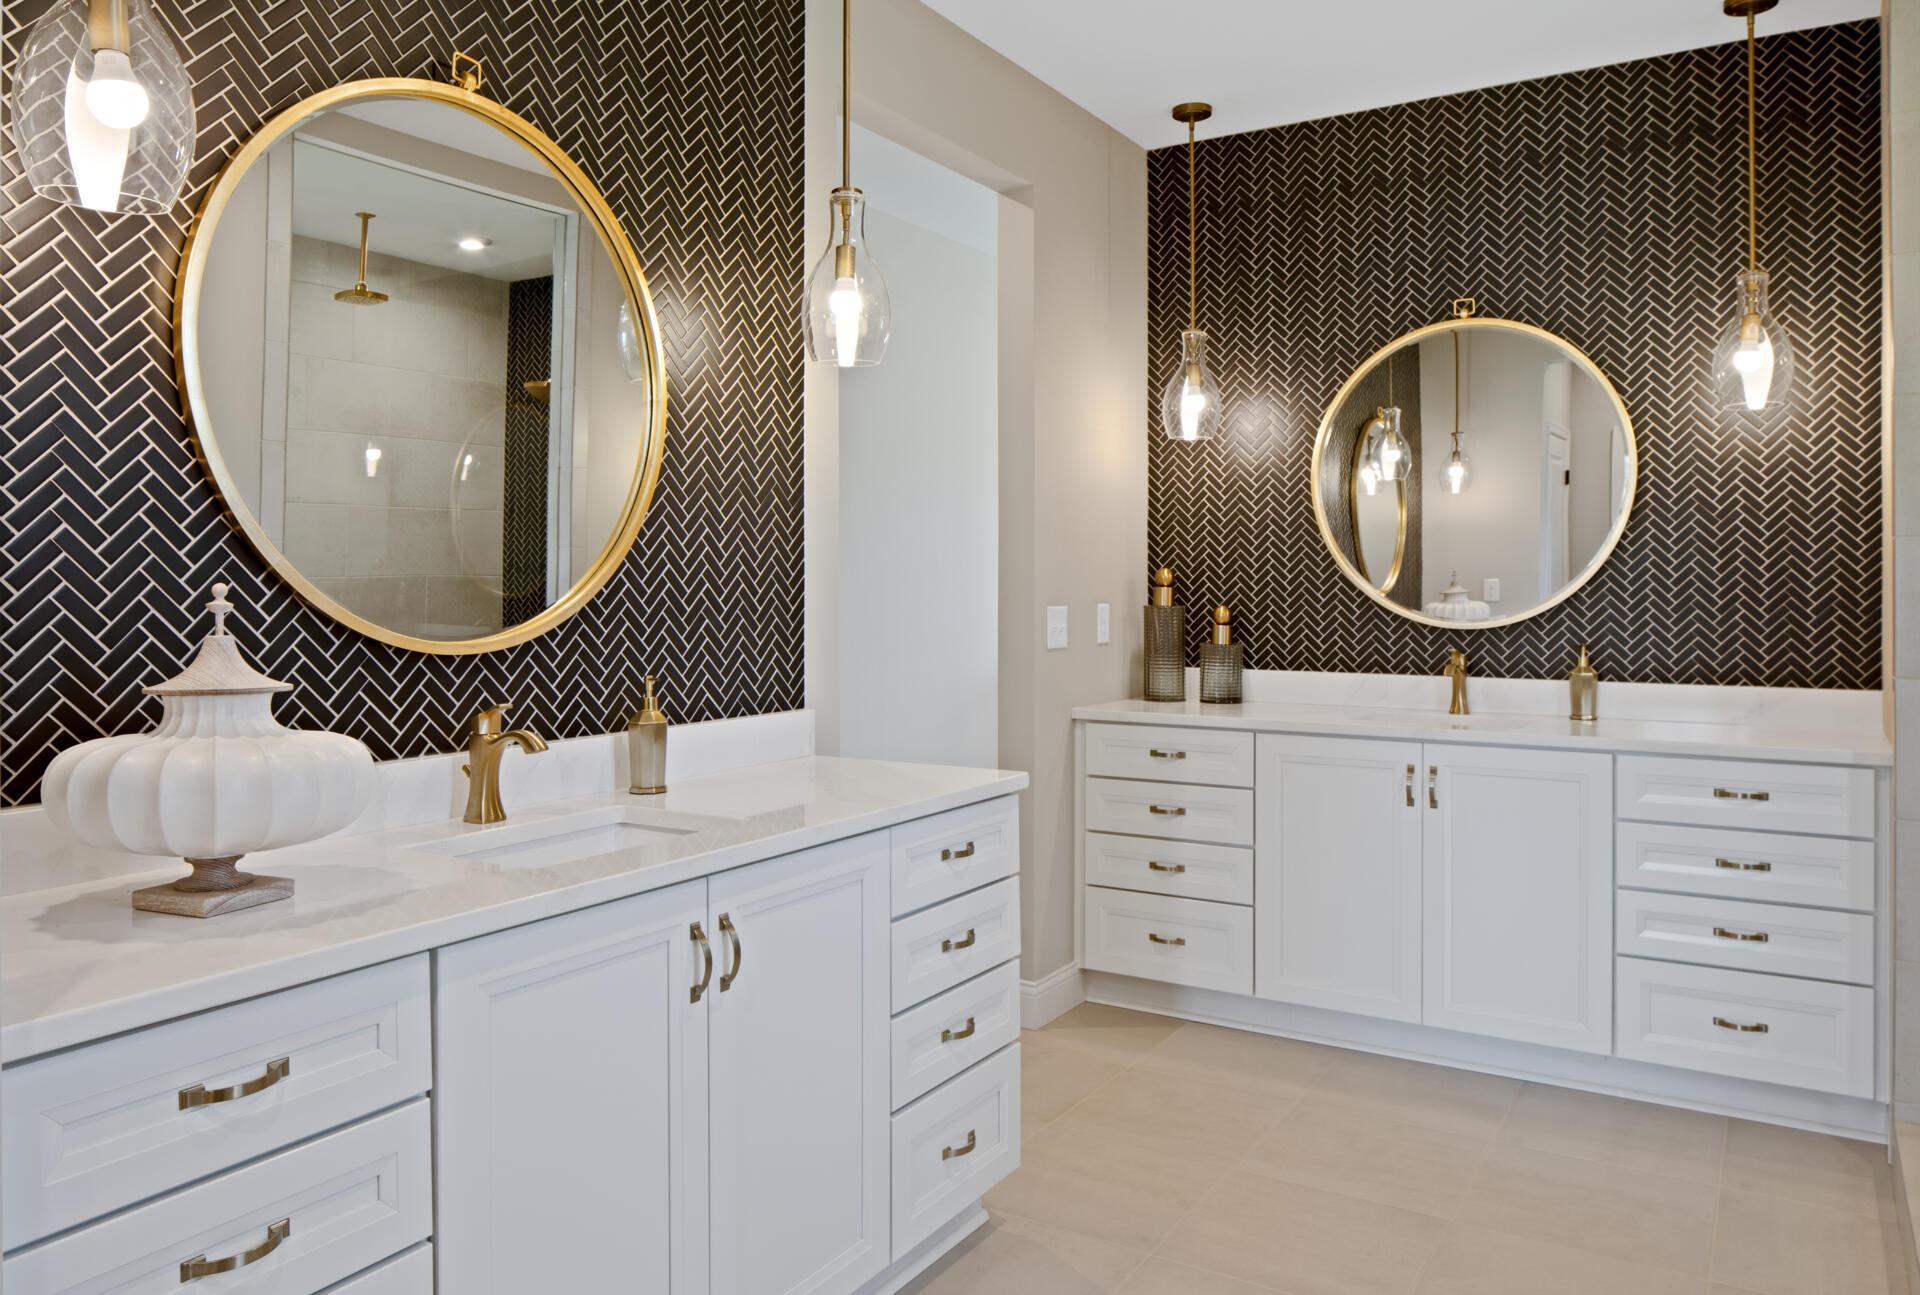 Bathroom featured in the Brennan By Drees Homes in Cincinnati, OH